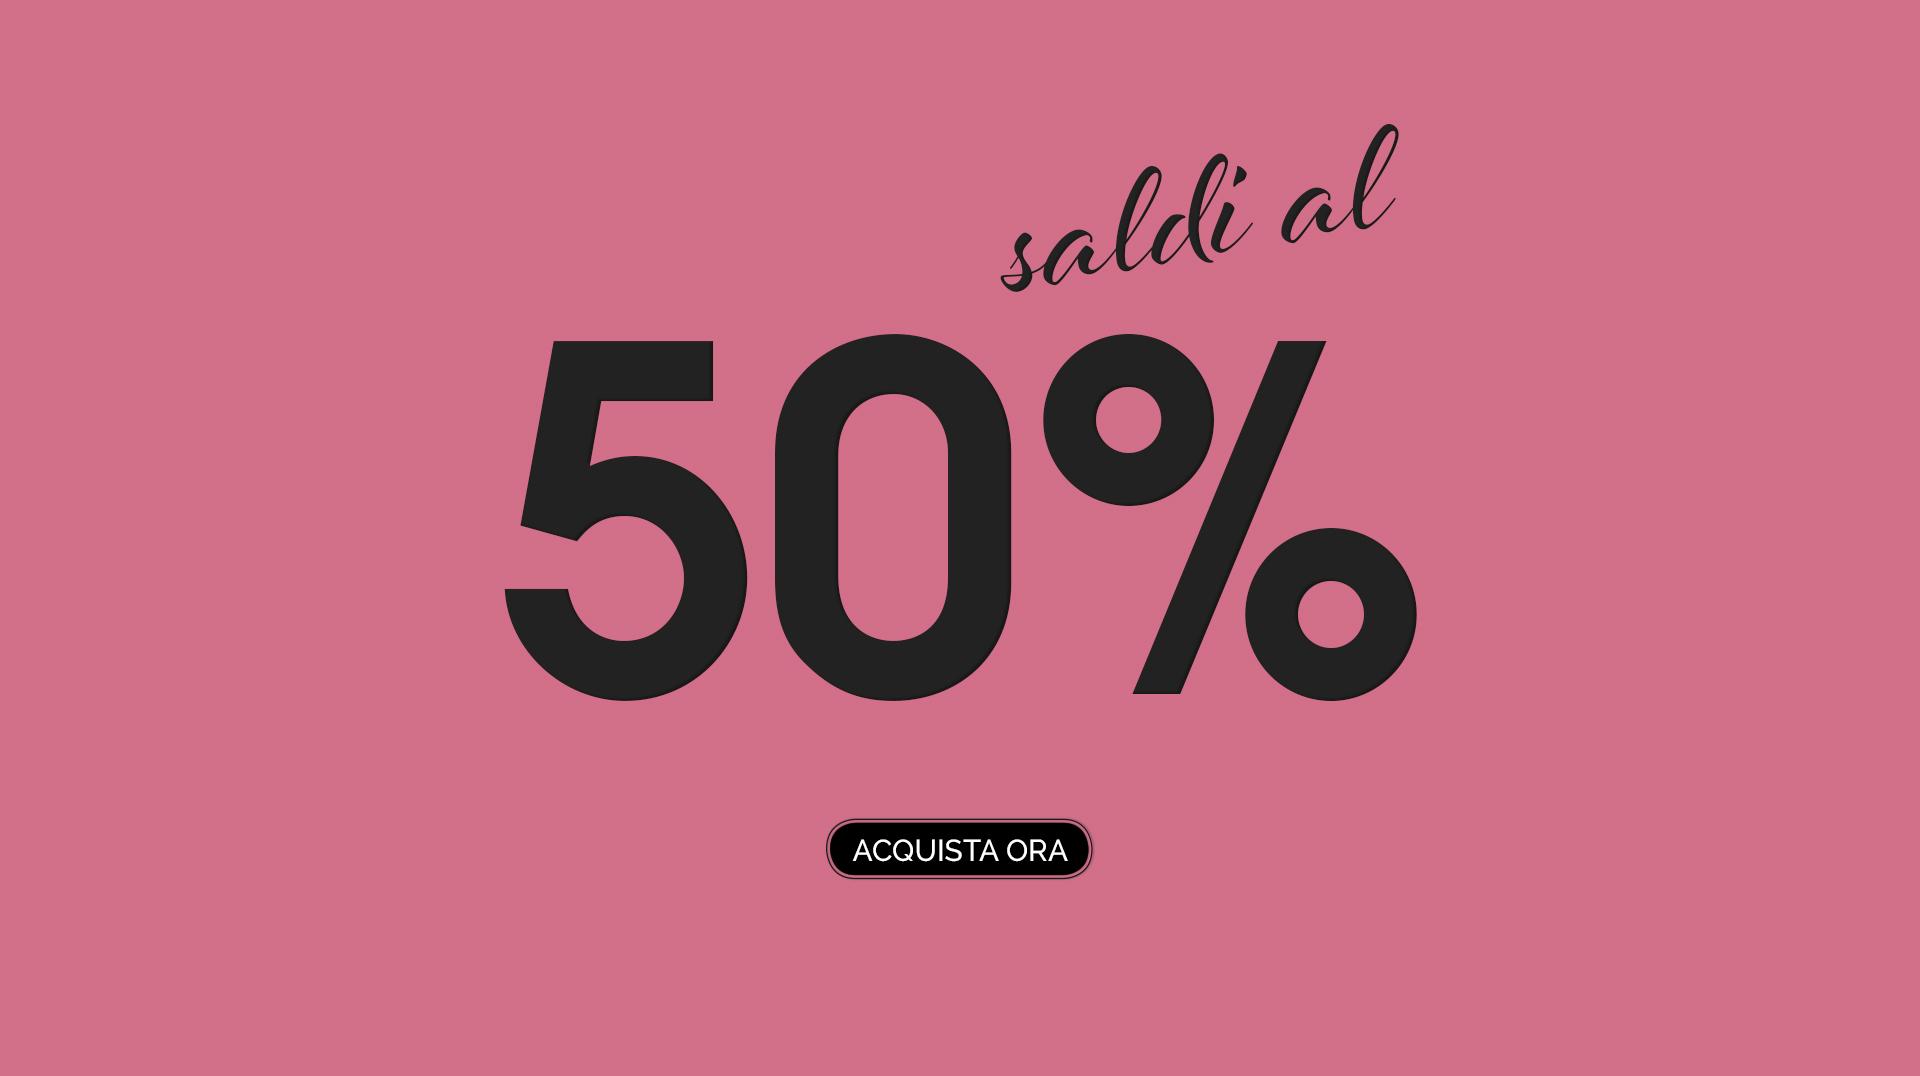 Saldi fino al 50%